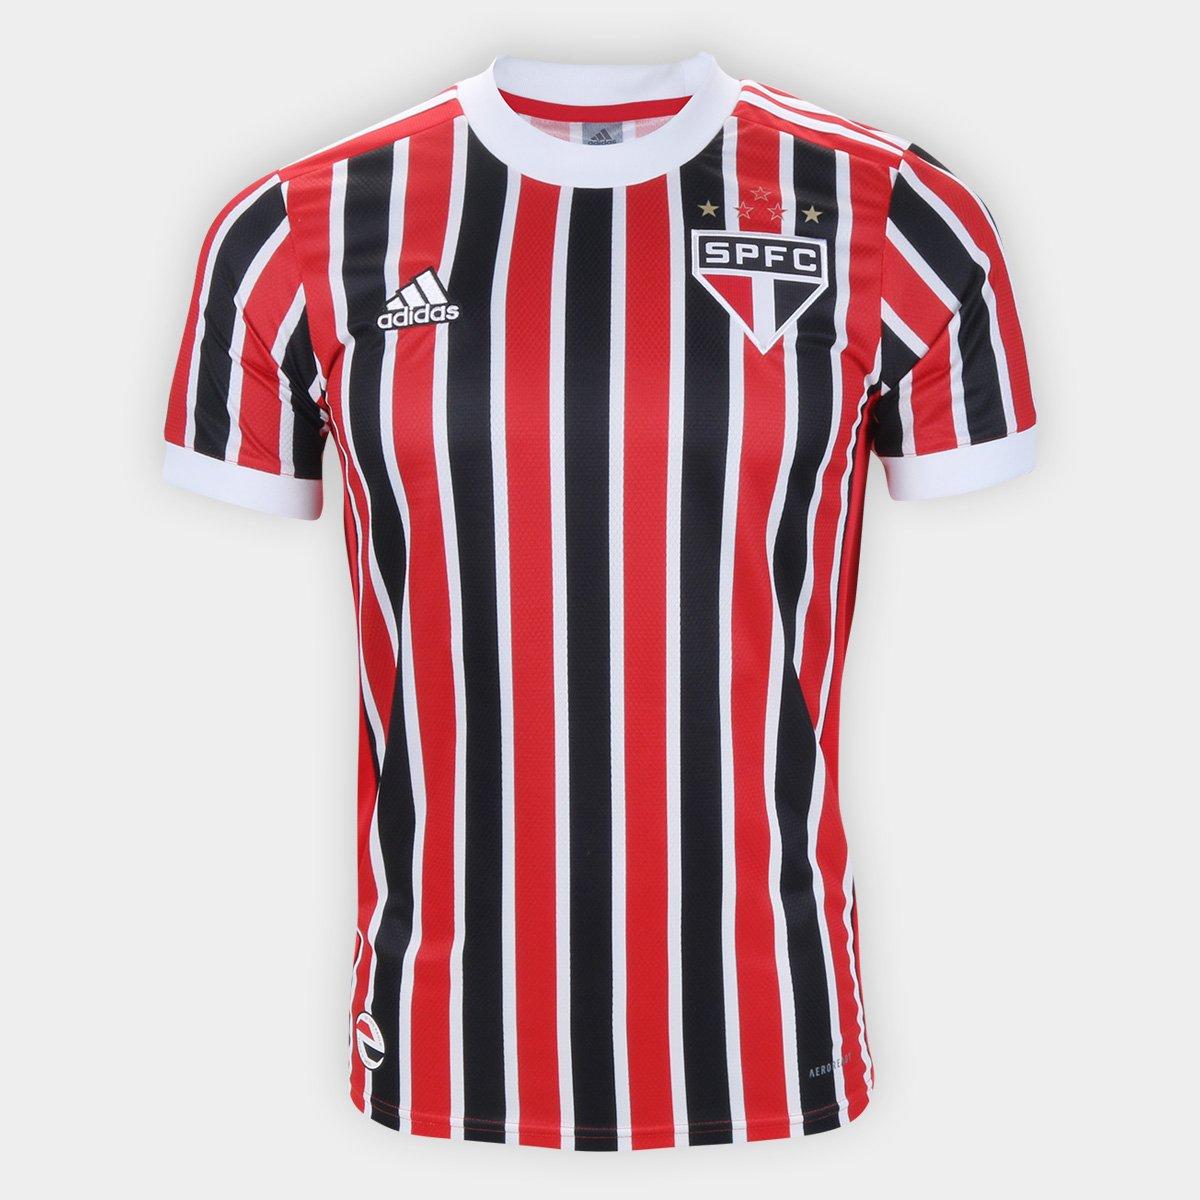 Camisa São Paulo II 21/22 s/n° Torcedor Adidas Masculina